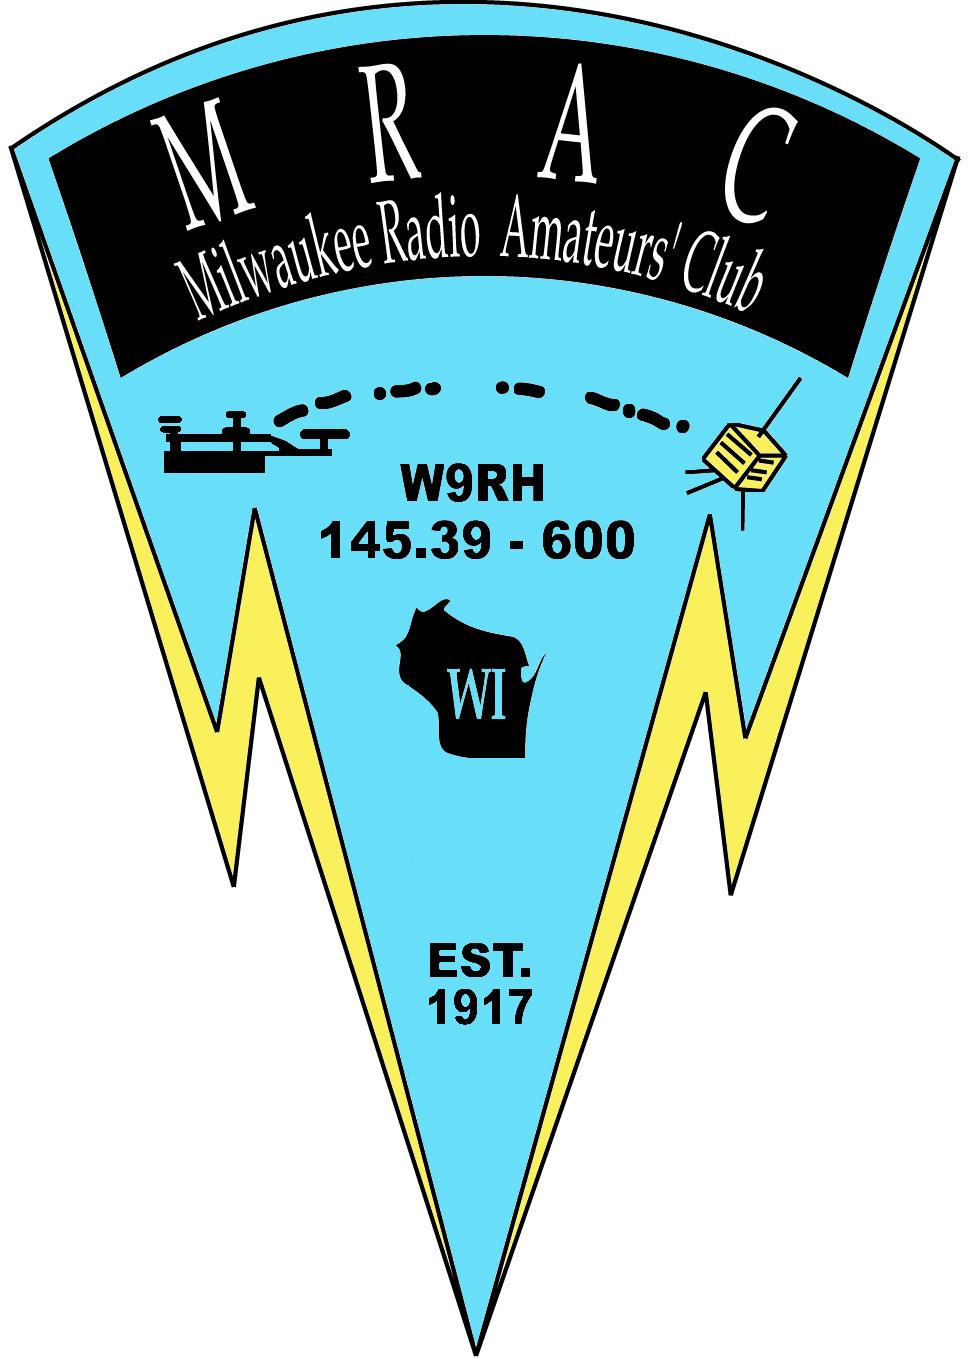 Milwaukee Radio Amateurs Club - Home Facebook